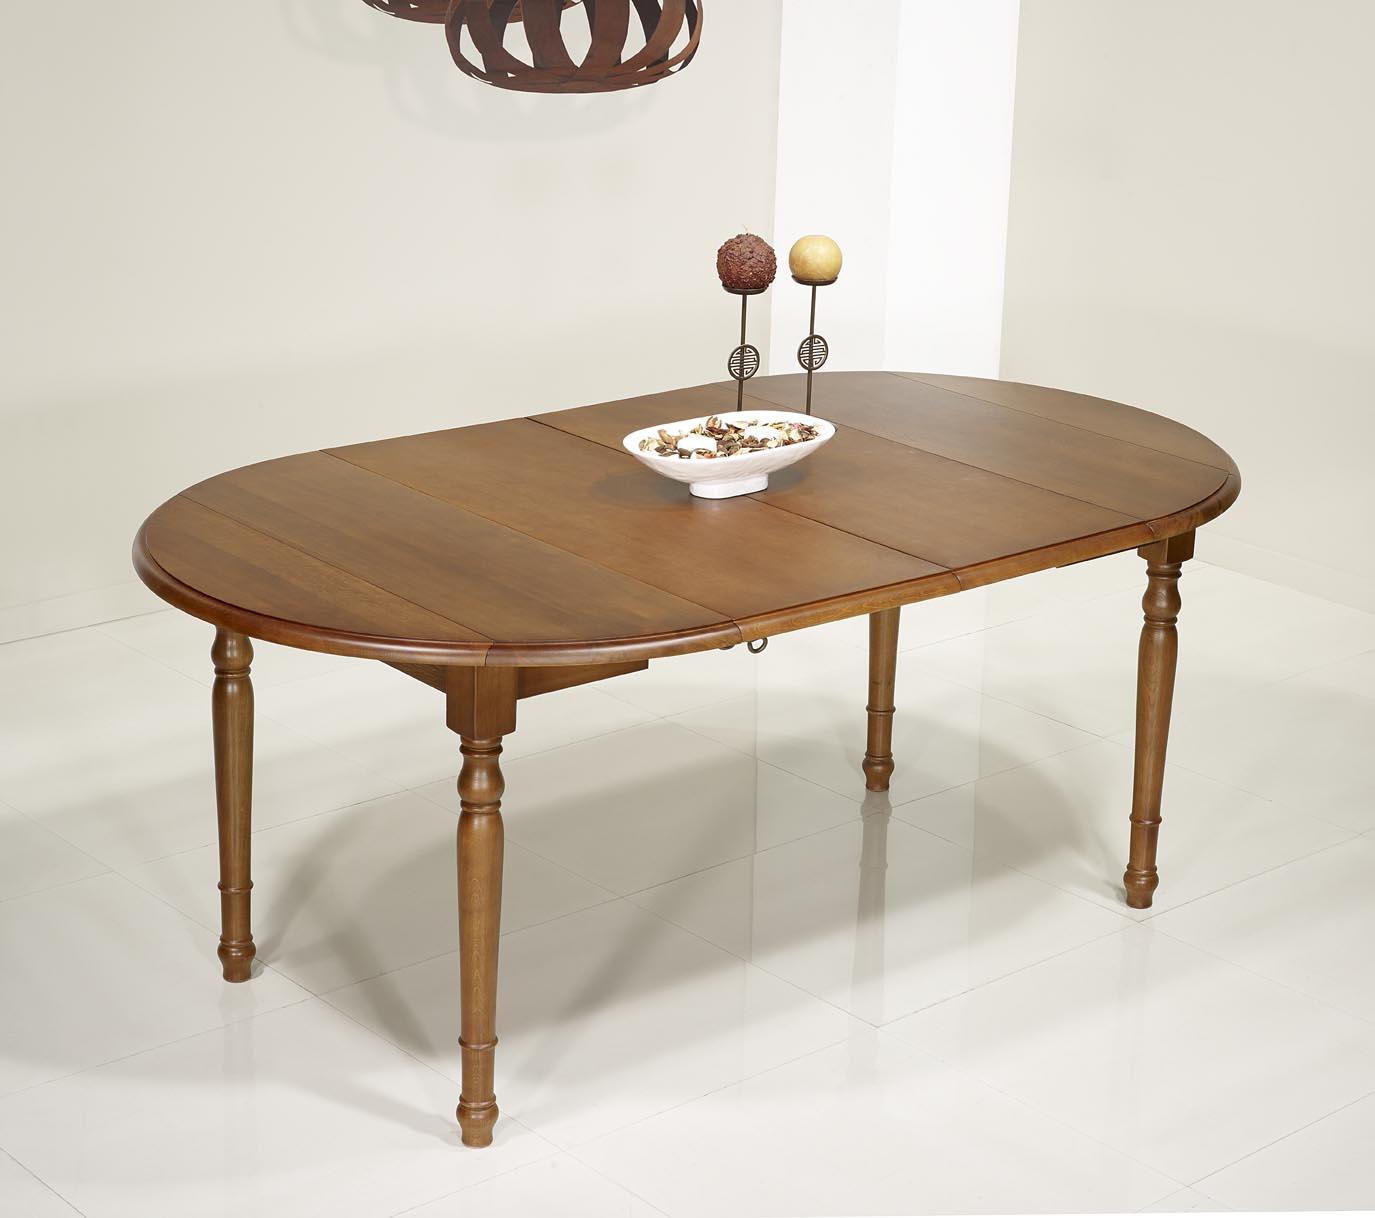 Table ronde volets simon en ch ne massif de style louis - Table ronde 110 cm avec rallonge ...